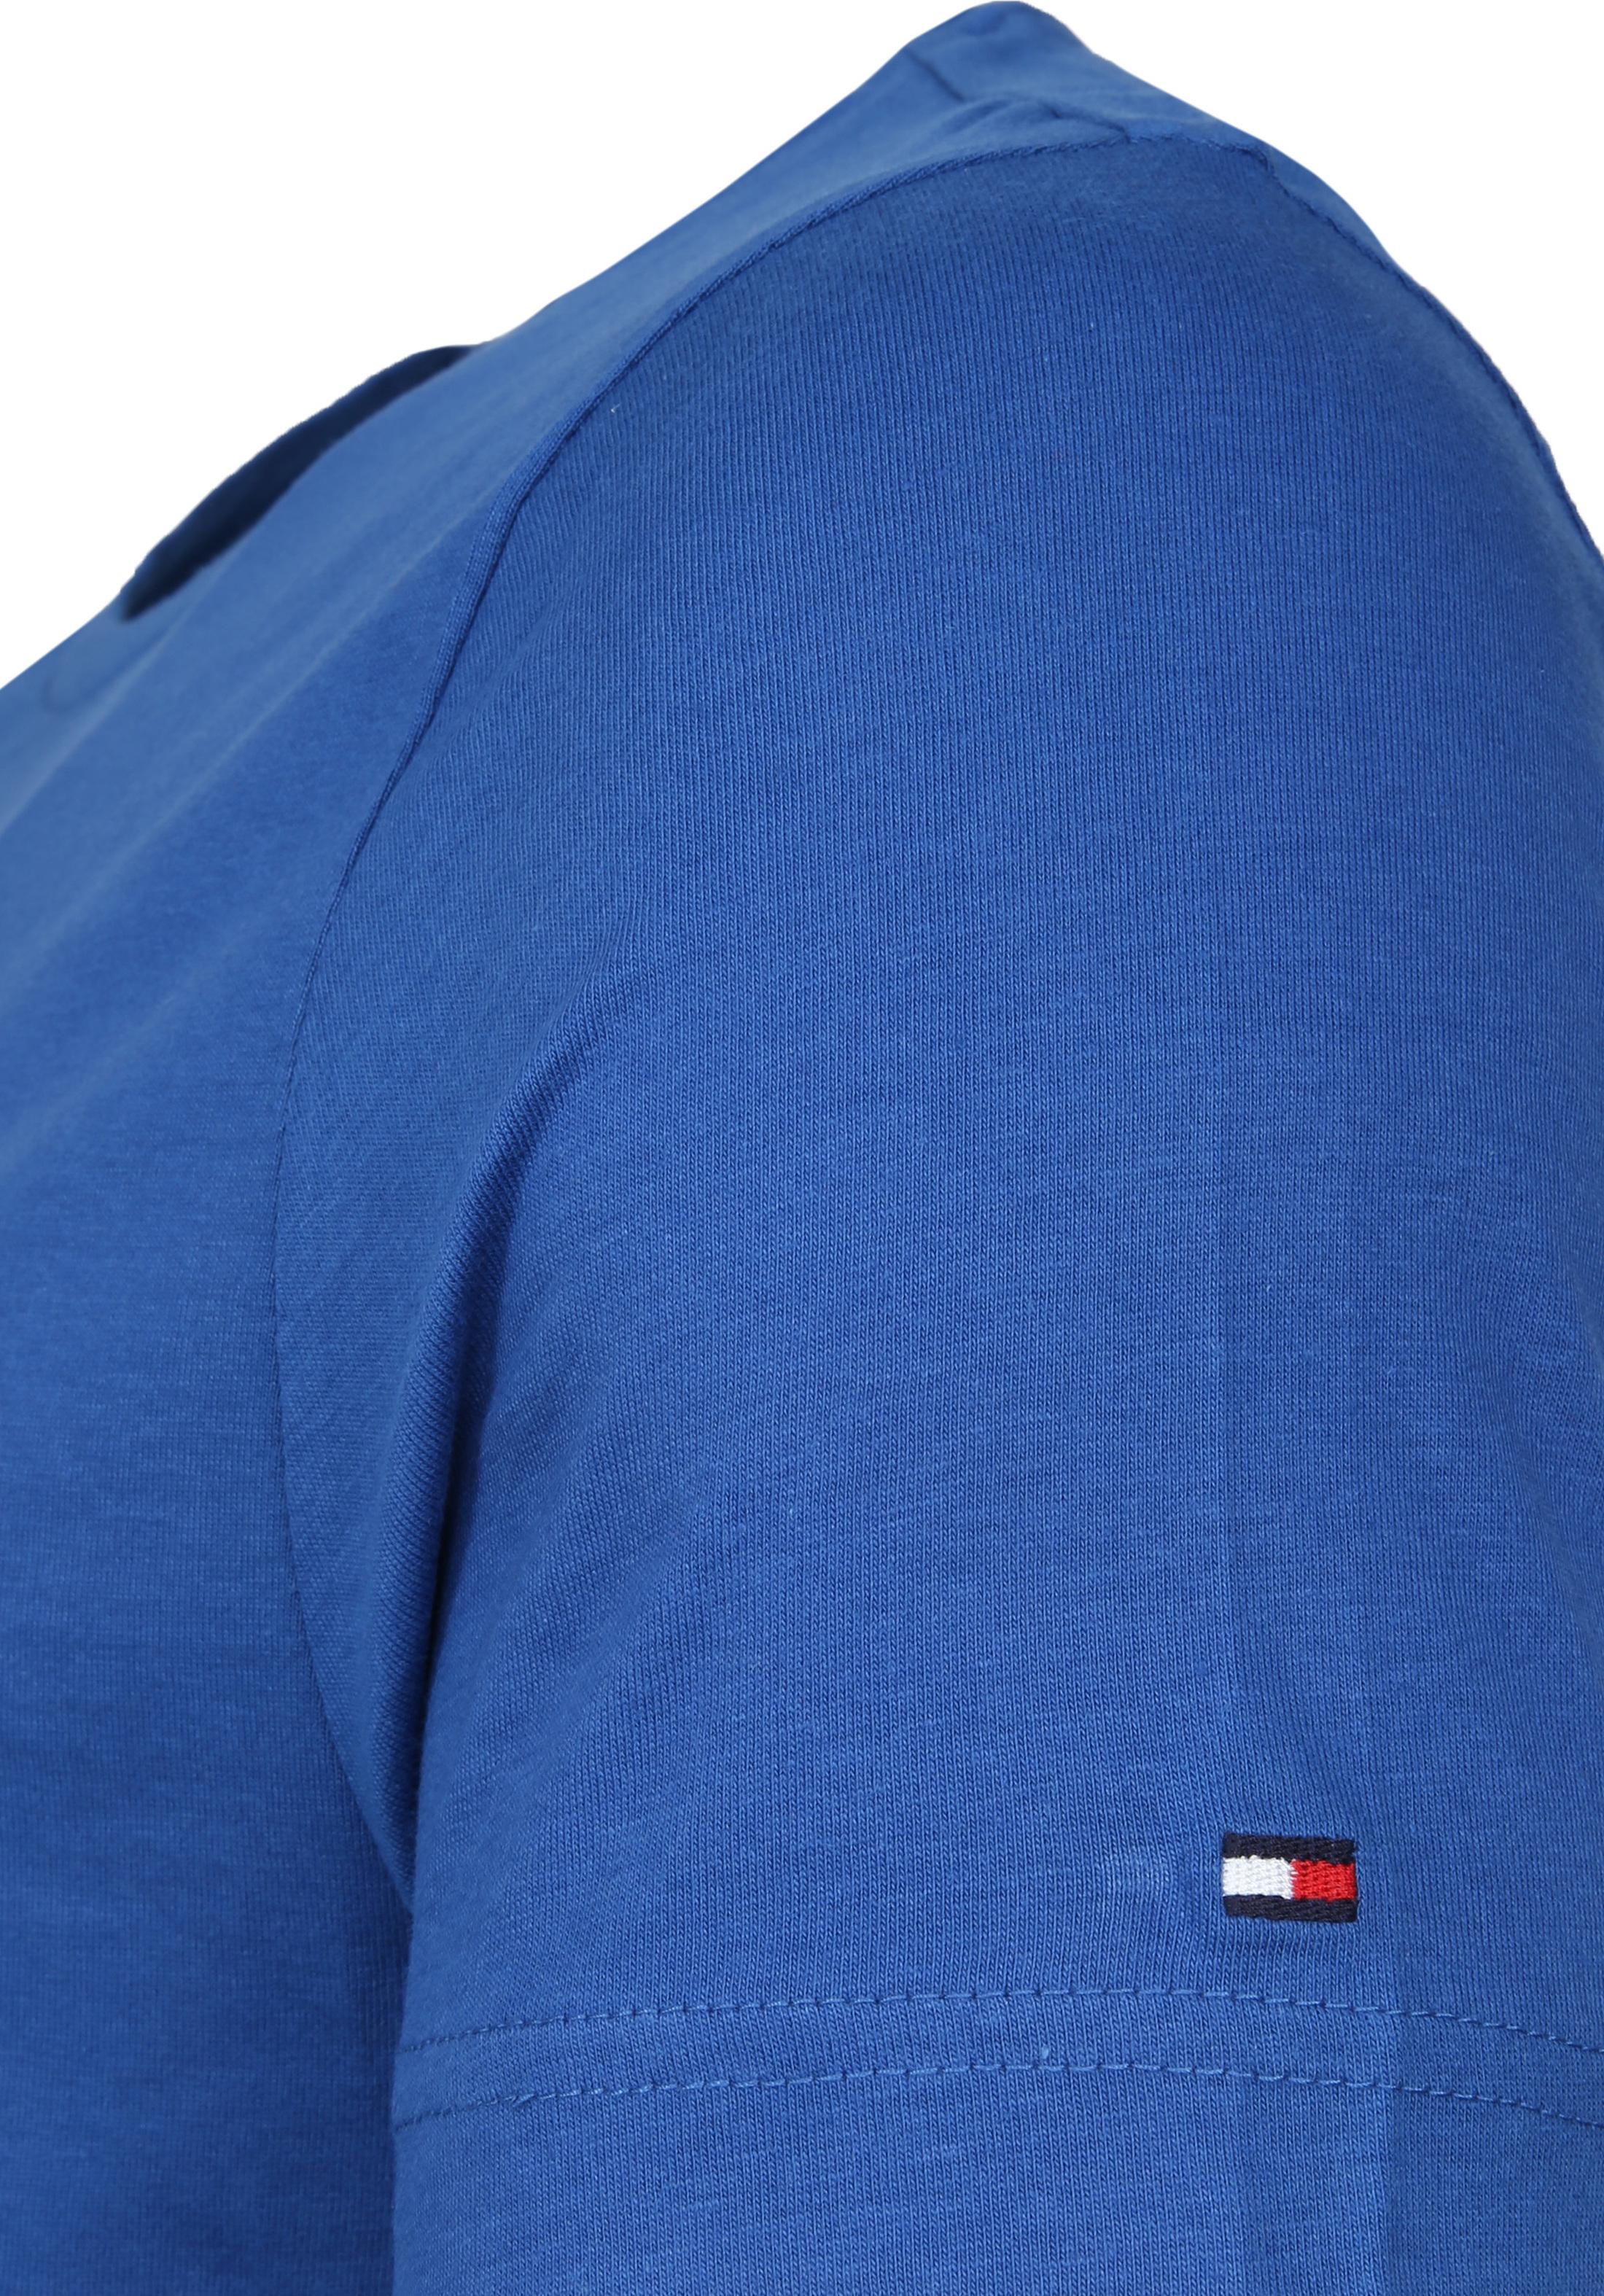 Tommy Hilfiger T-shirt Box Print Blue foto 2